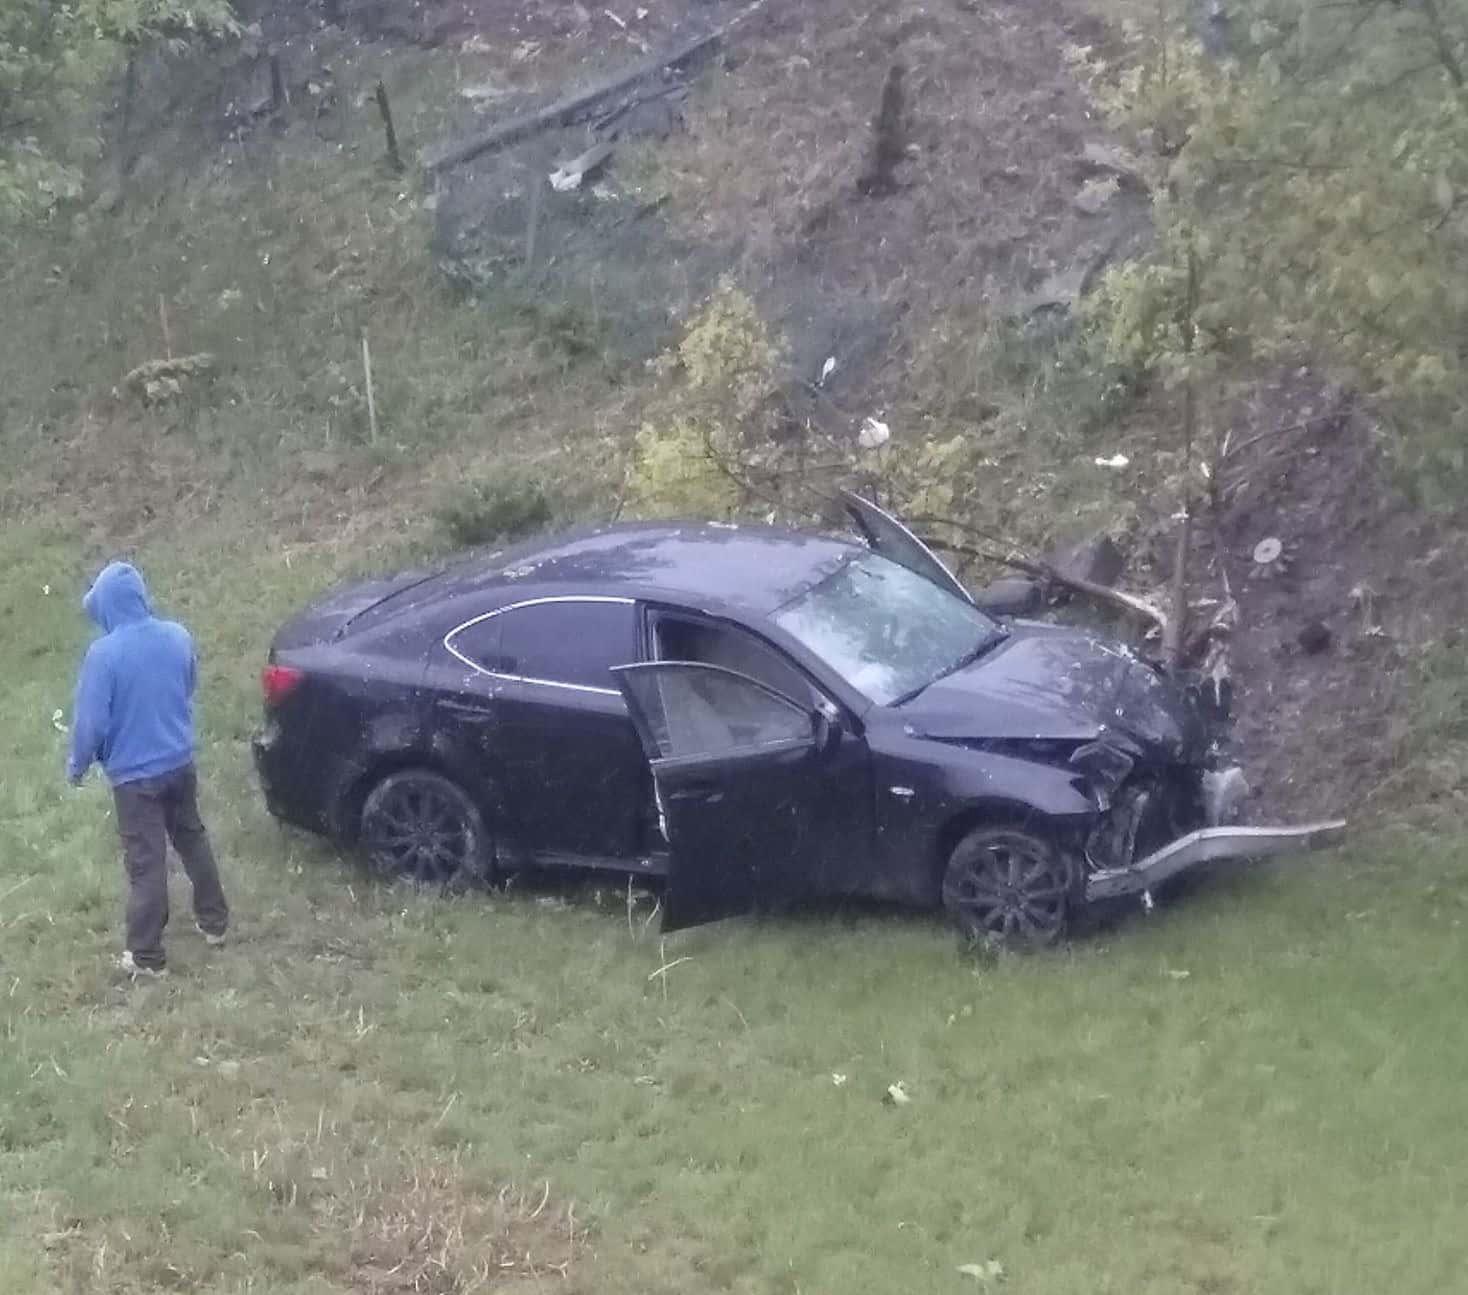 img 9251 Zamość: Mogło dojść do tragedii! Samochód wypadł z drogi i wpadł na teren placu zabaw.